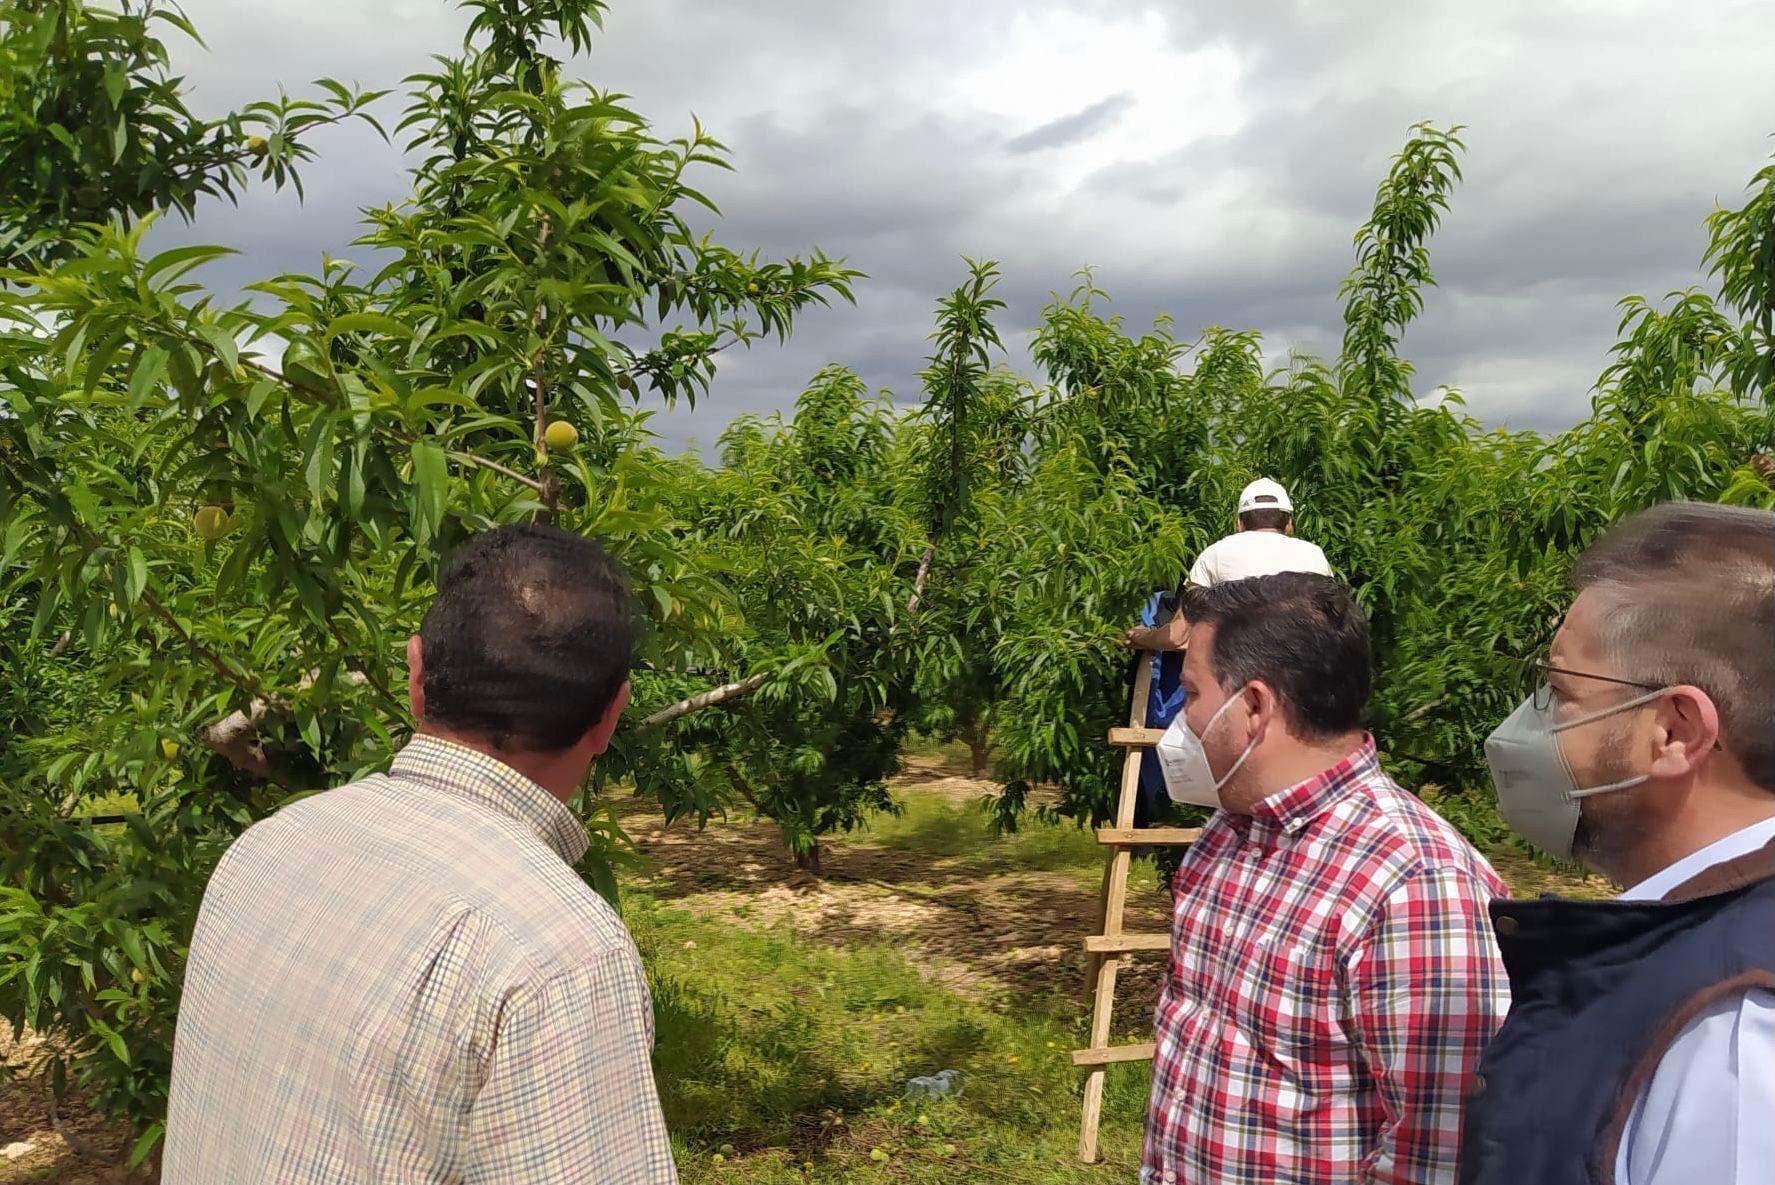 """Moreno reclama a Page """"que deje de estar en otras cosas"""" y se centre en los problemas de los agricultores de nuestra tierra, base fundamental de la economía regional"""""""